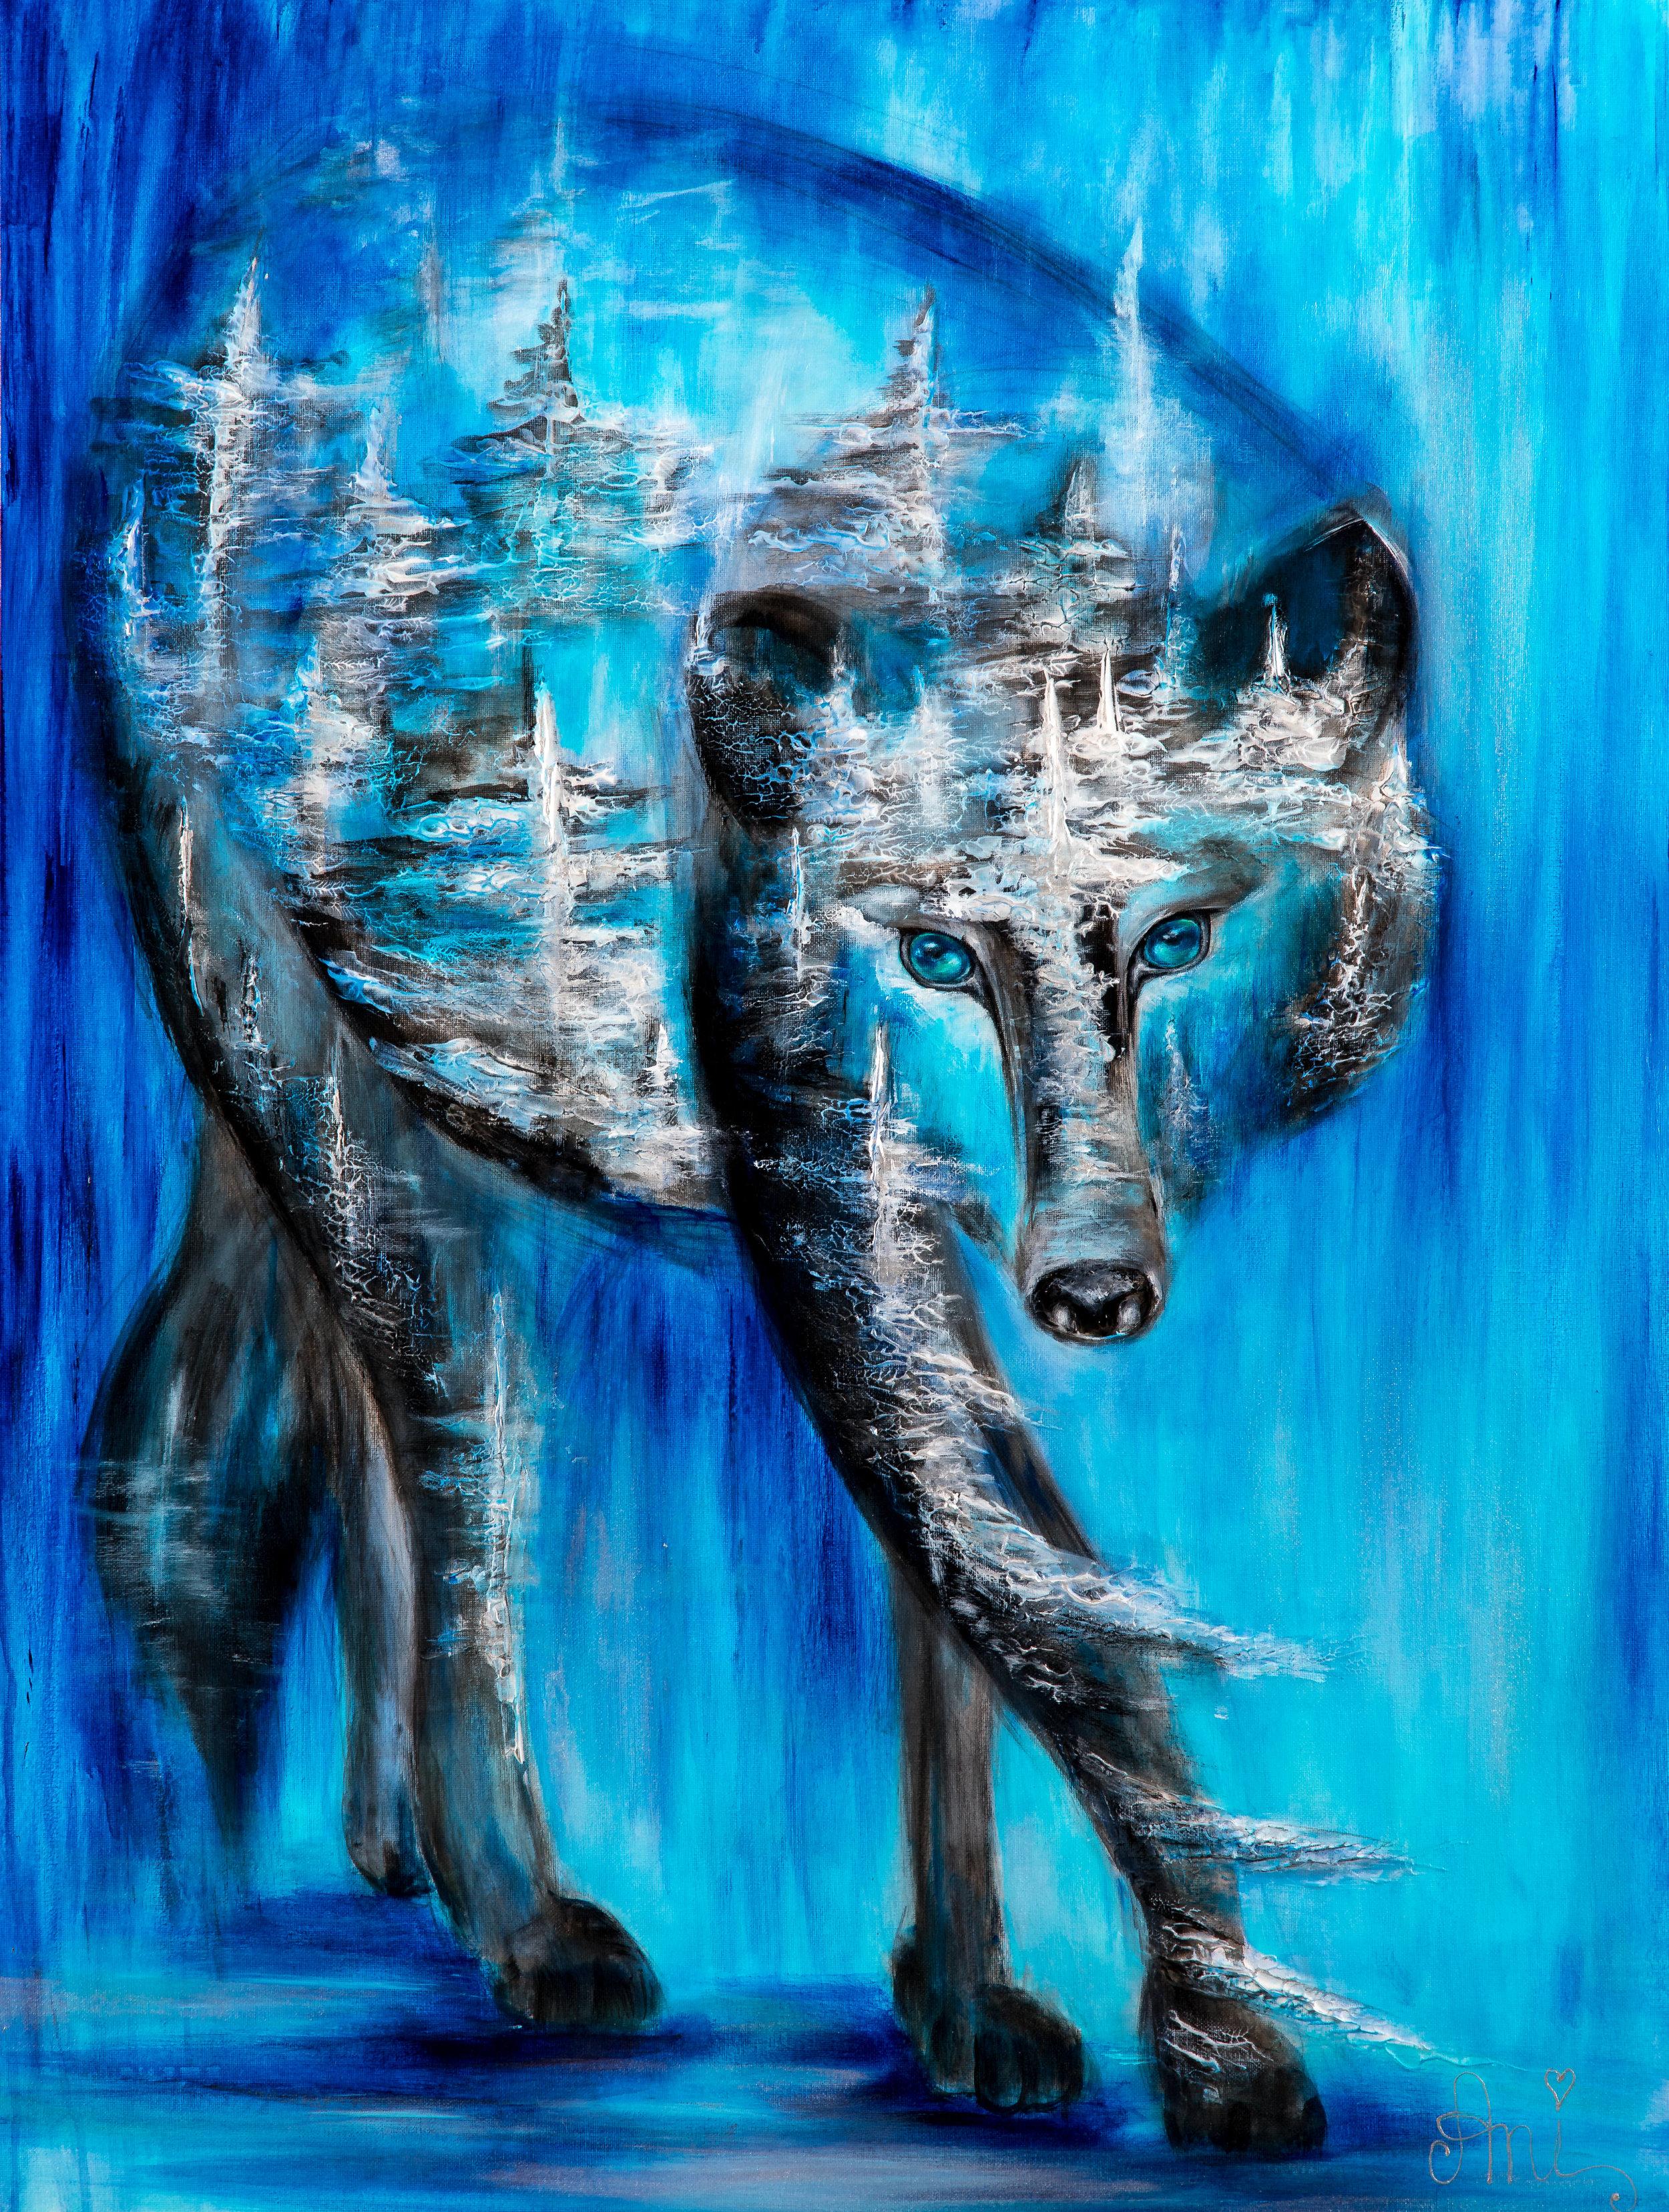 Le loup de la forêt:  Peinture acrylique sur toile 3D, 100cm x 75cm  Prix: 1100€ + frais de livraison